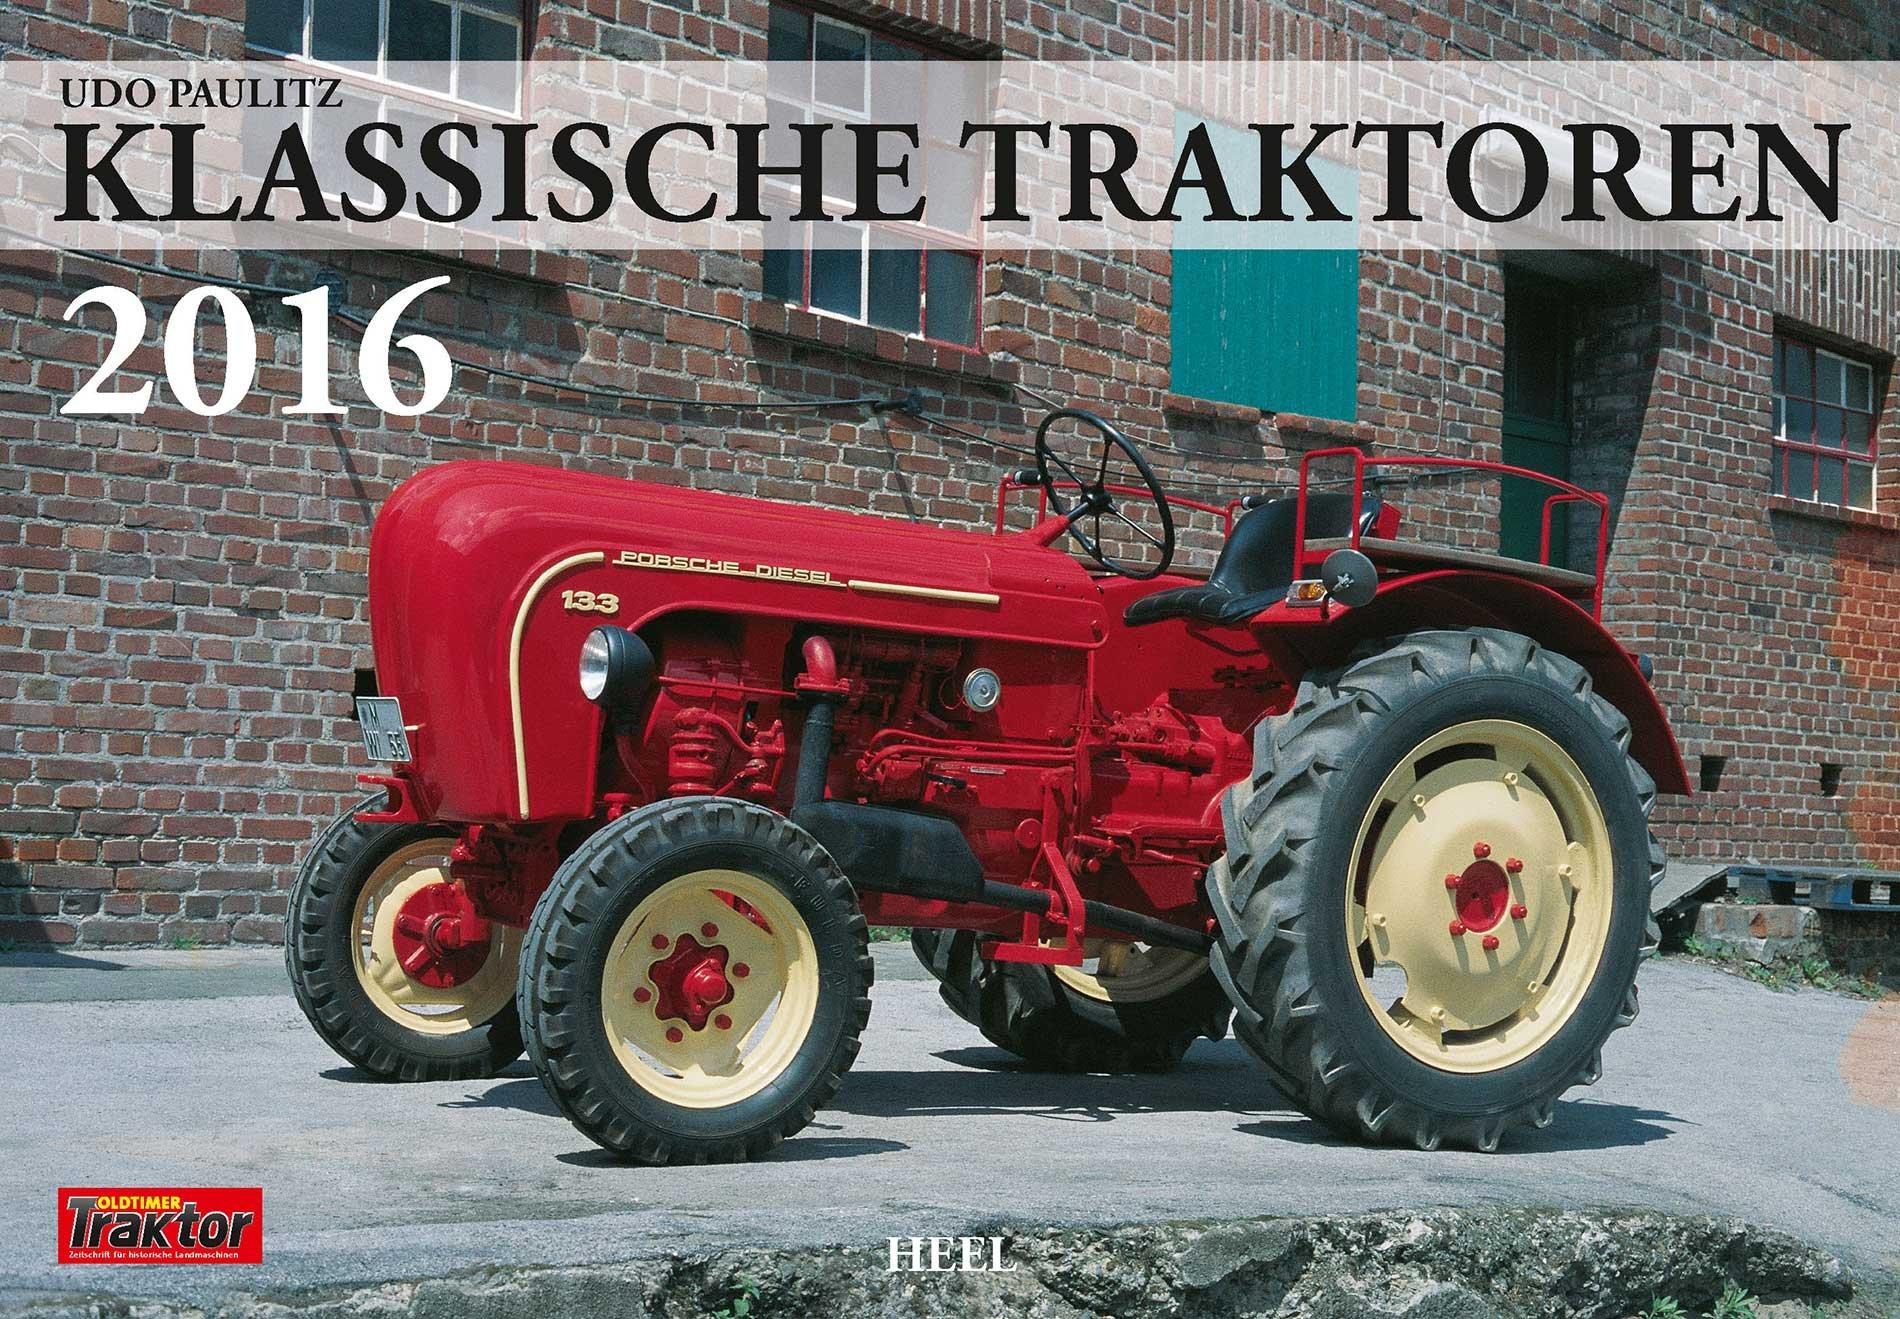 Klassische Traktoren 2016